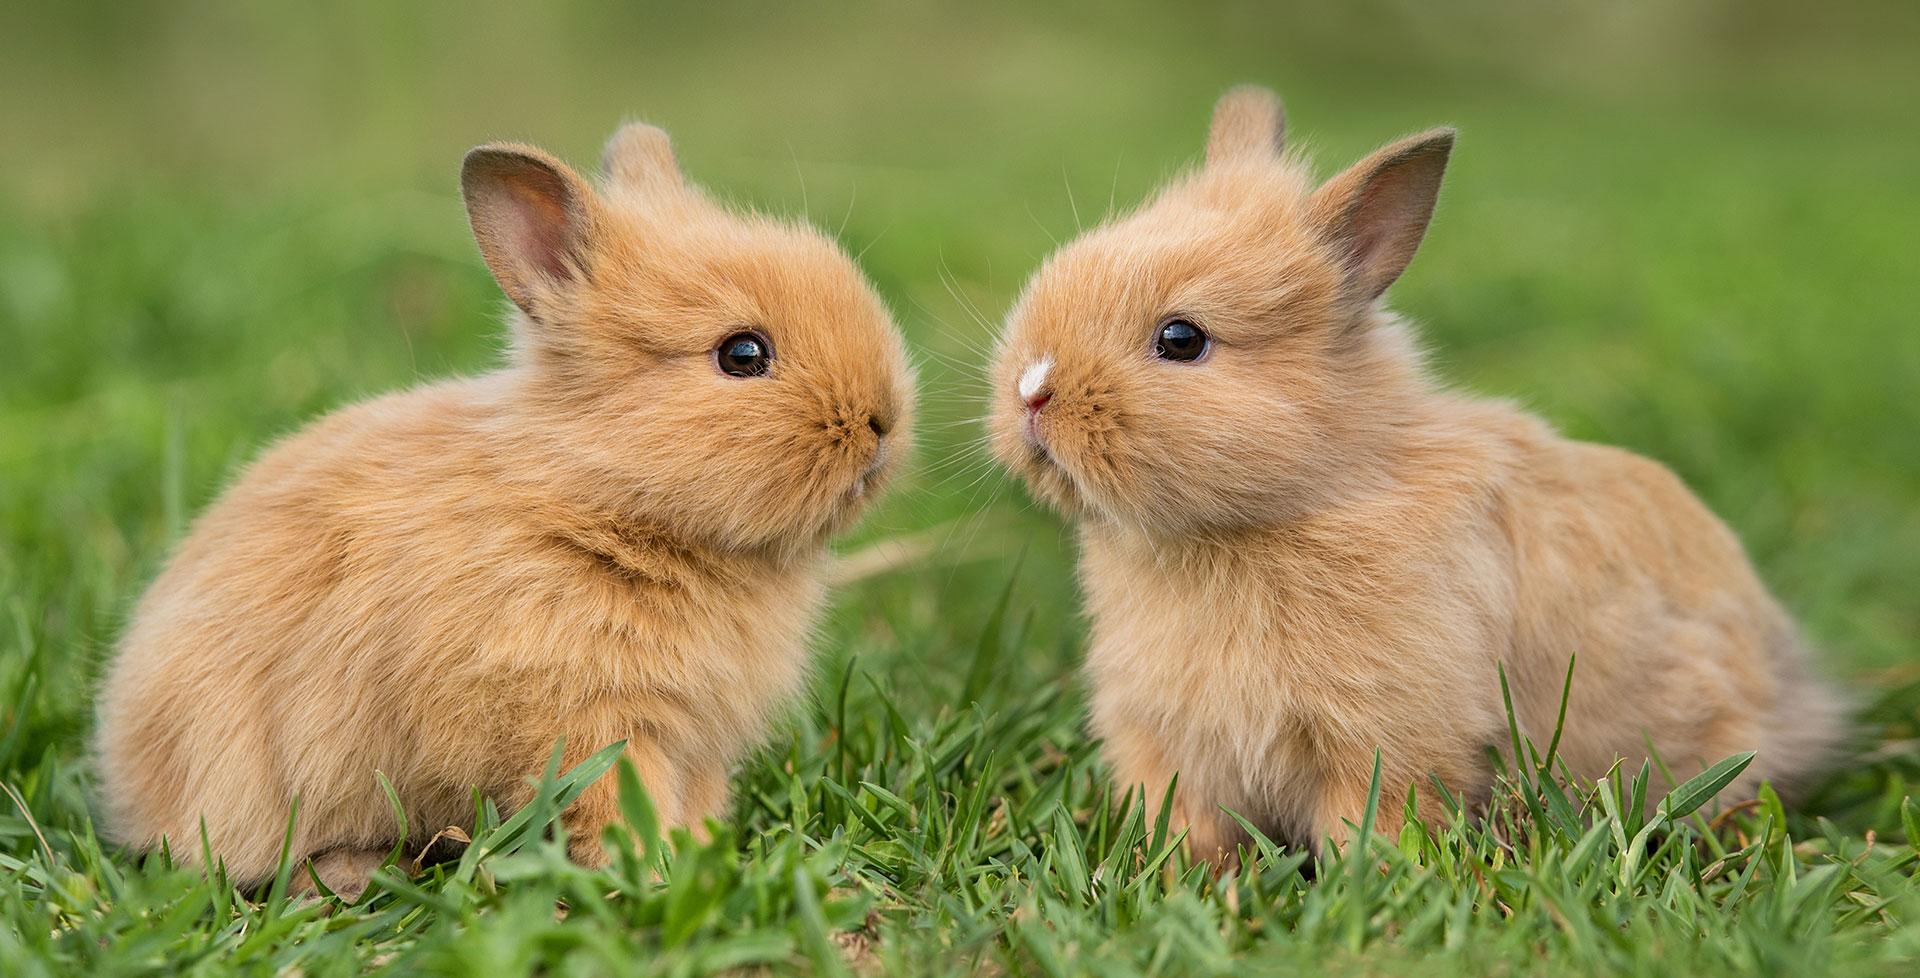 Vergesellschaftung von Kaninchen